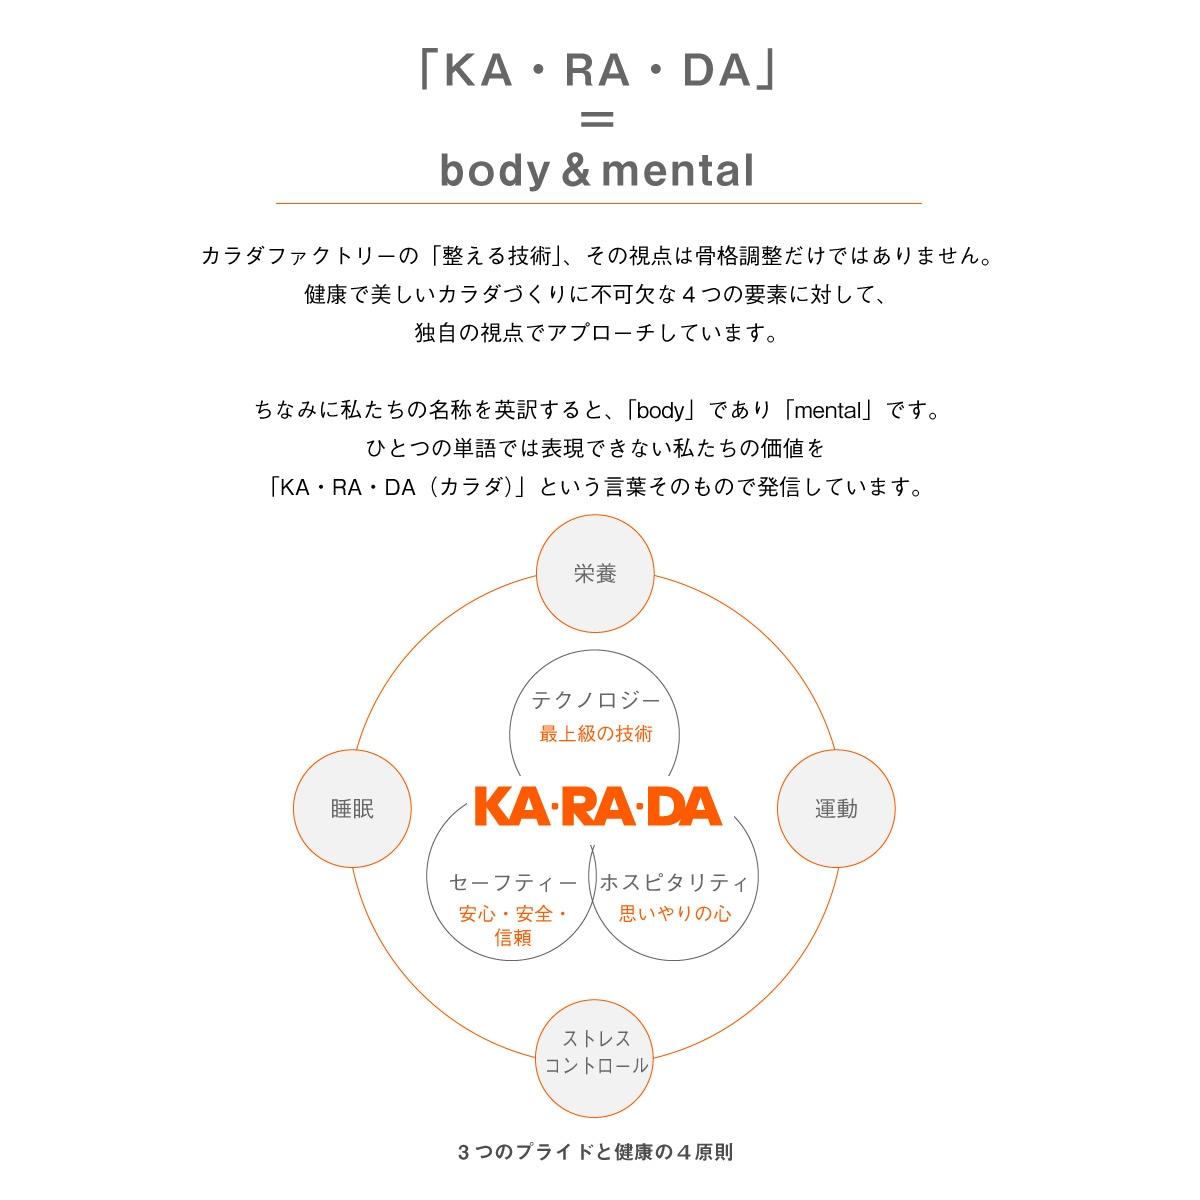 カラダマルシェ通販サイトコンセプト3